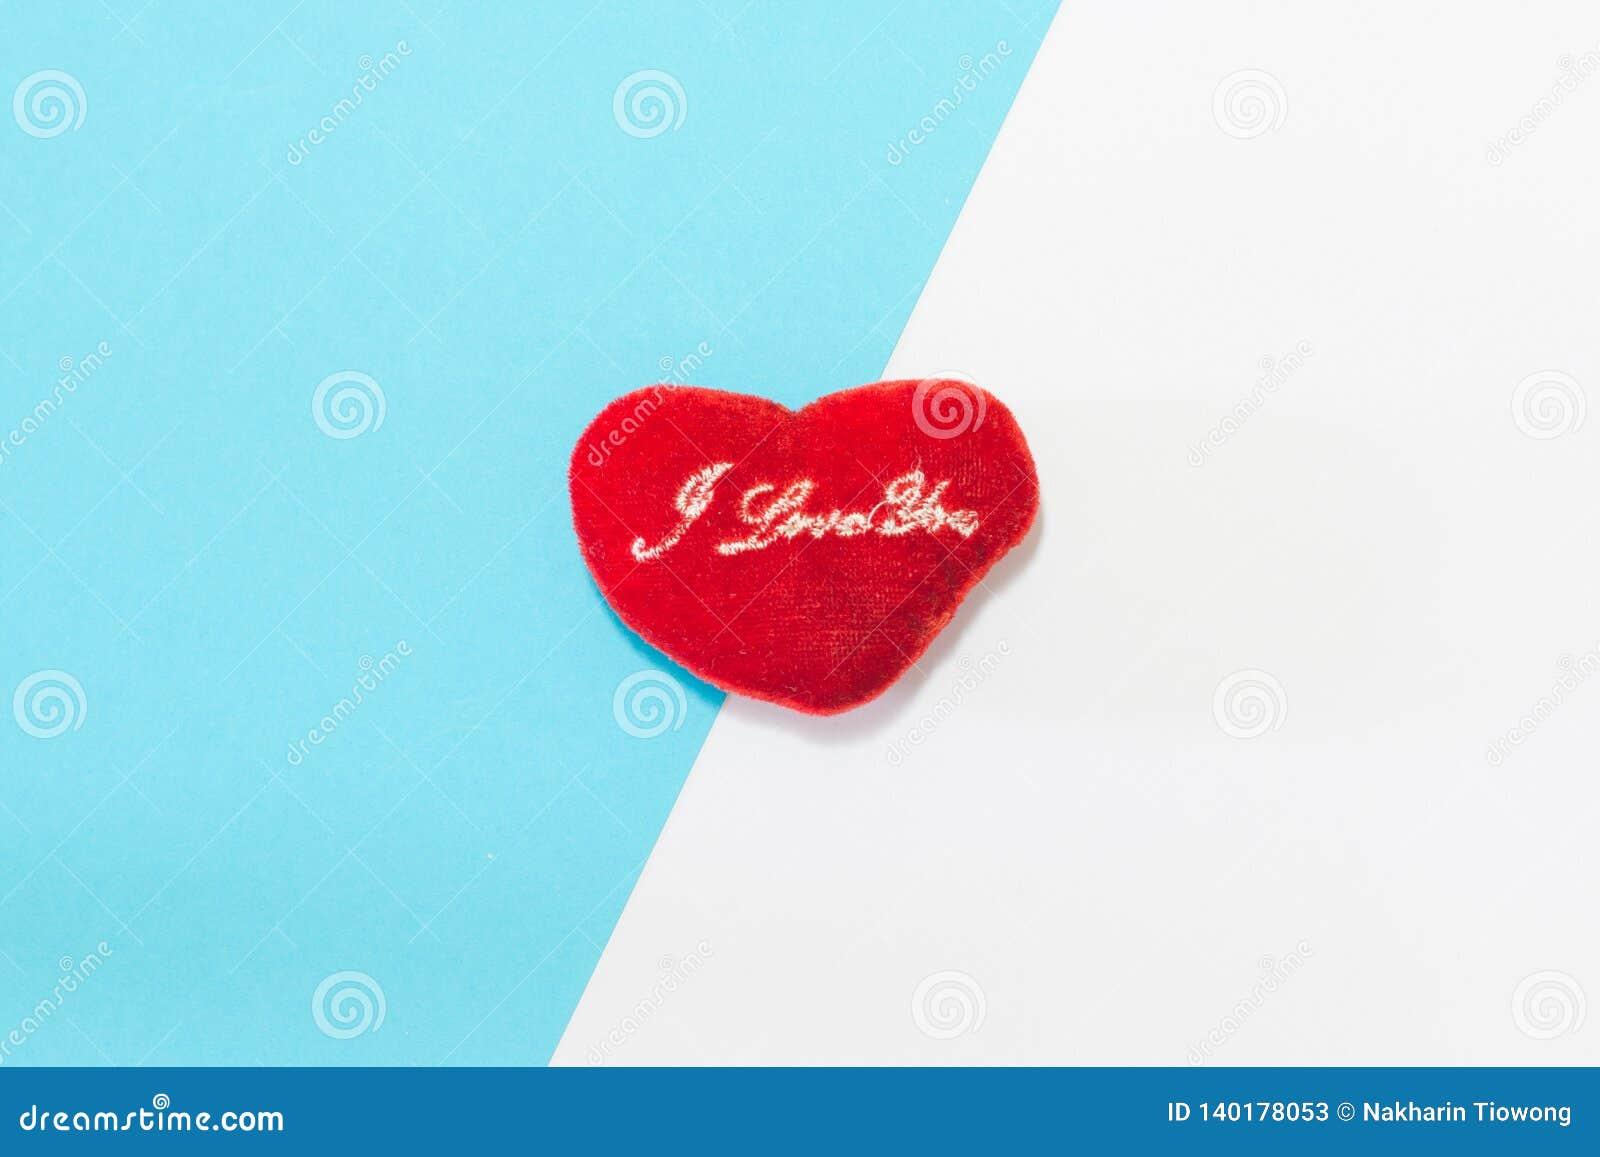 O coração é colocado no papel de duas cores com sobreposição azul e branca Conceito mínimo Fundo liso da configuração